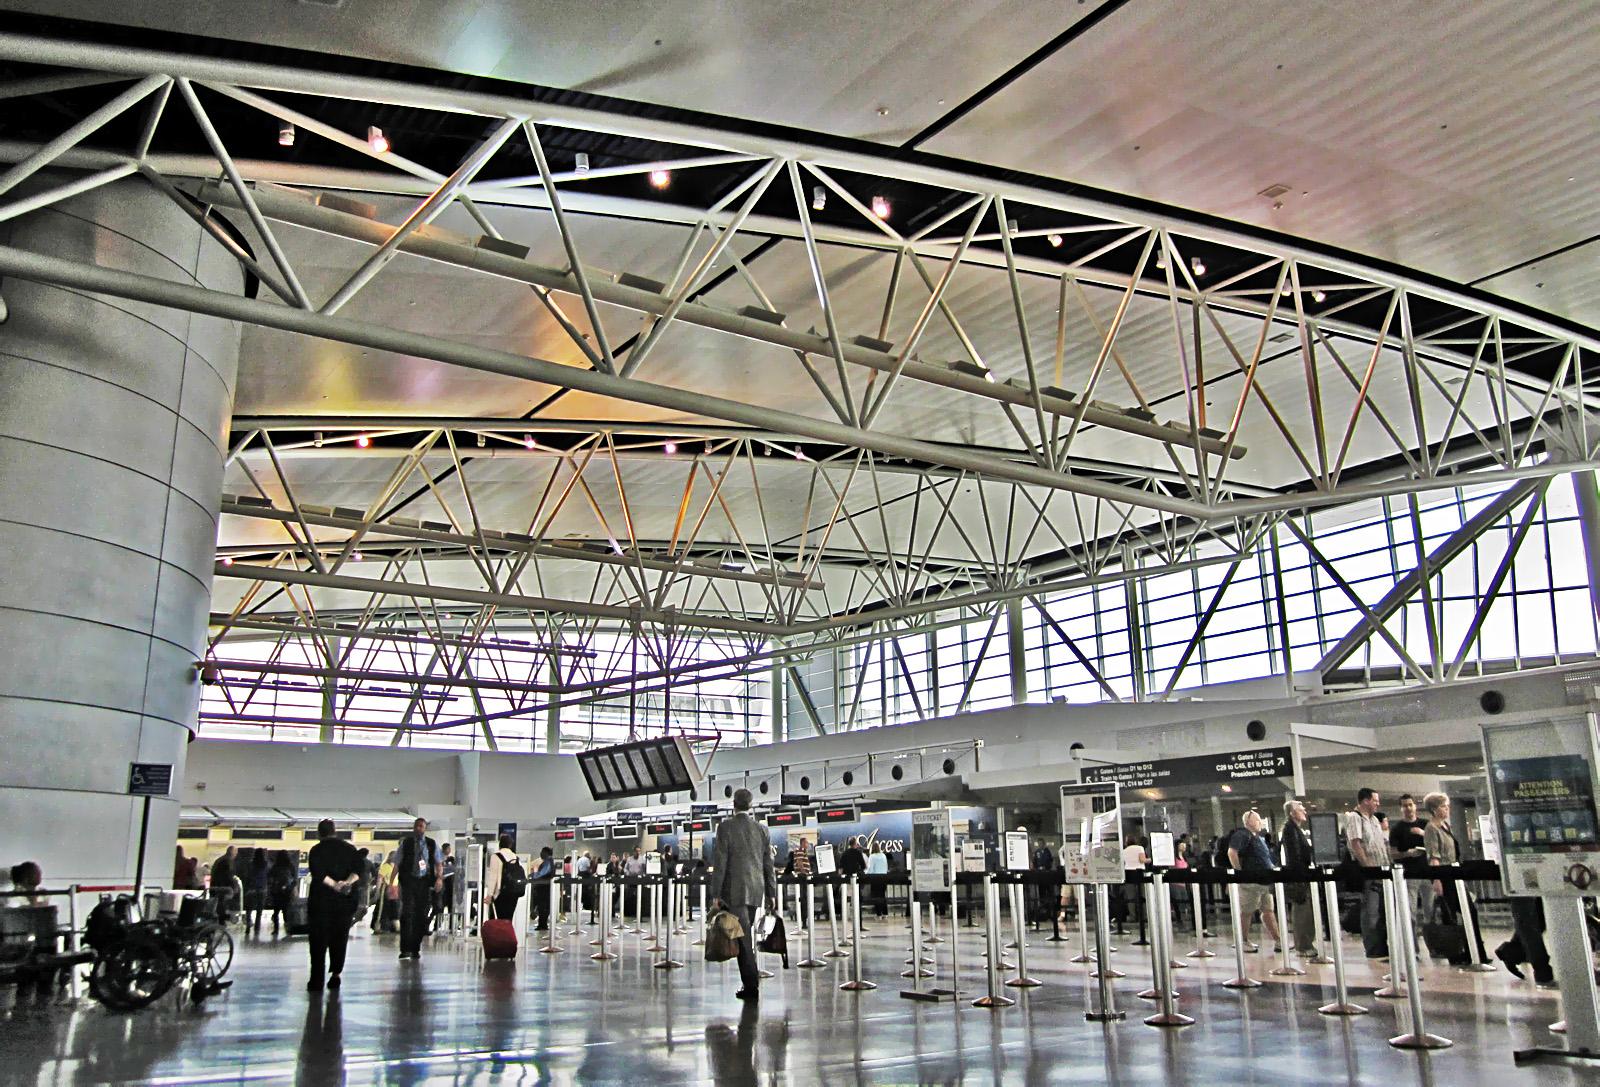 terminal_e_waiting_area